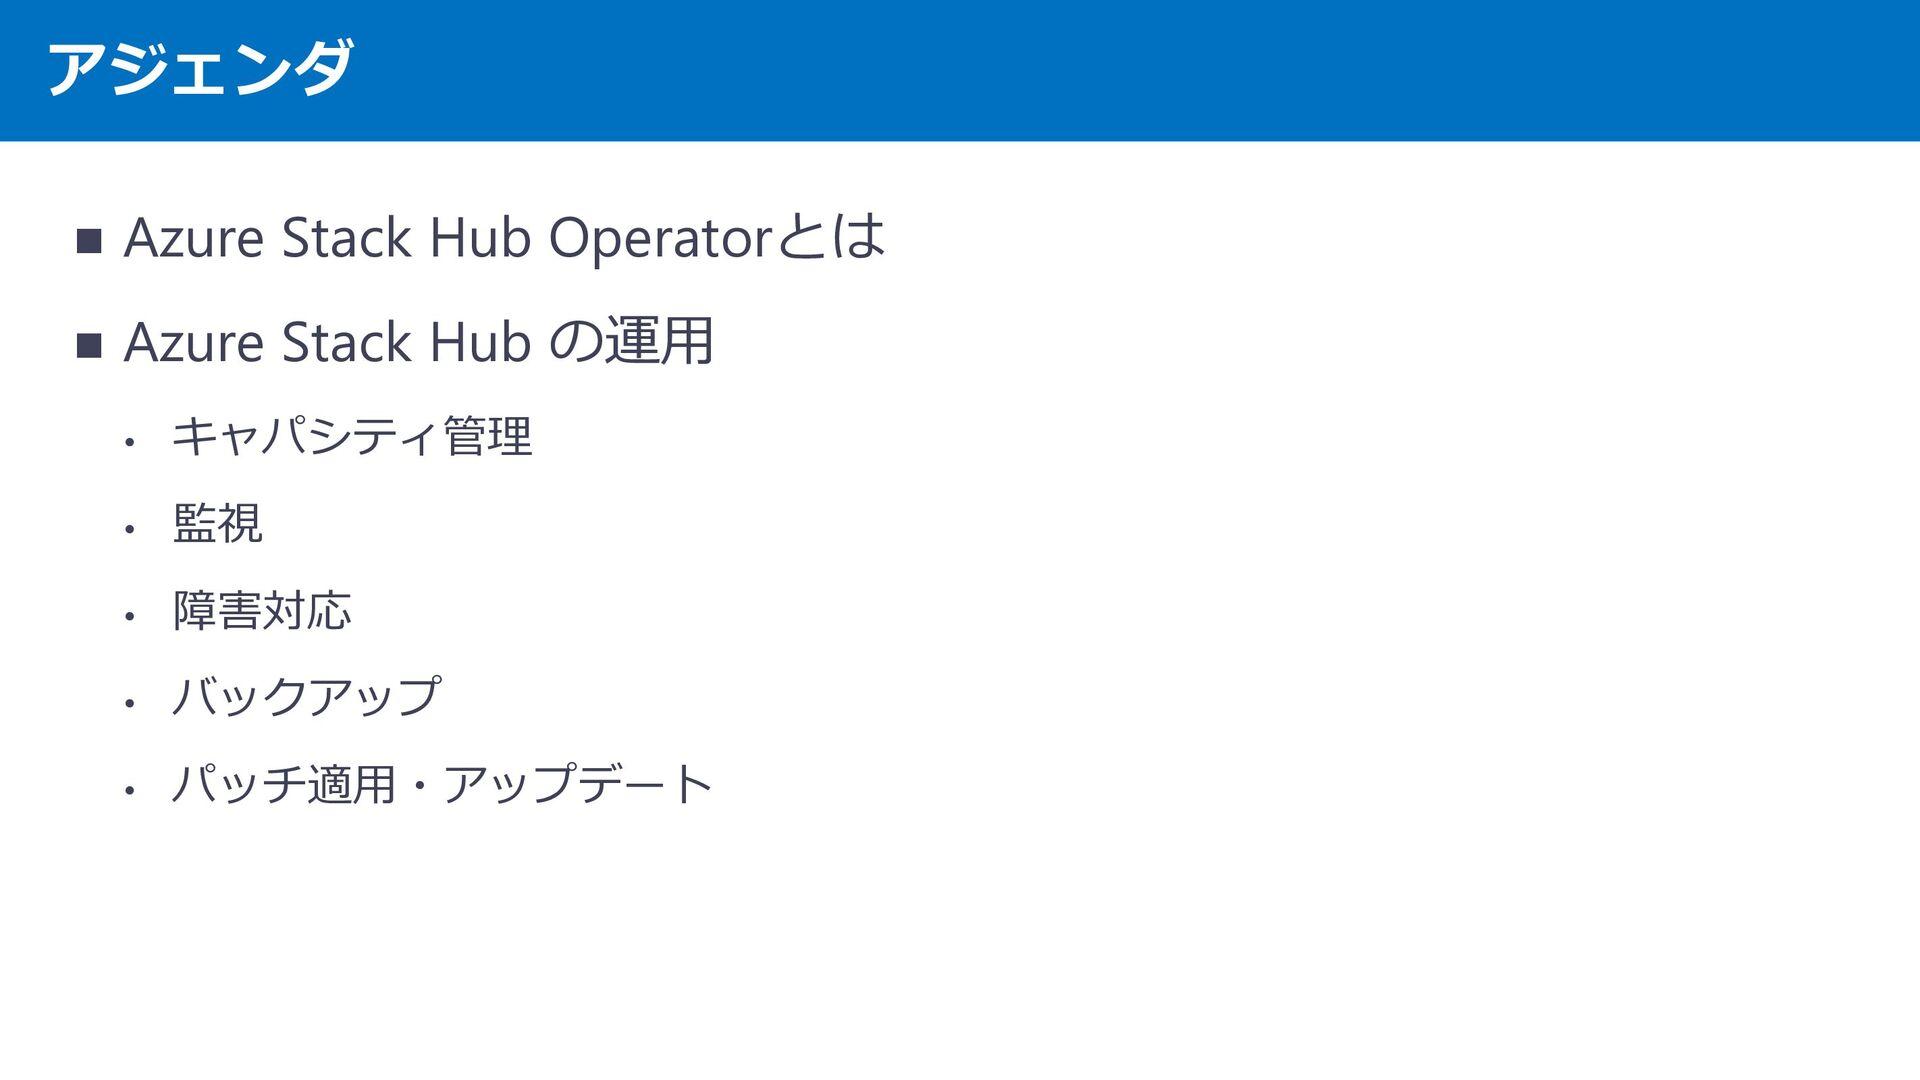 アジェンダ ・ Azure Stack Operator とは ・ Azure Stack の...